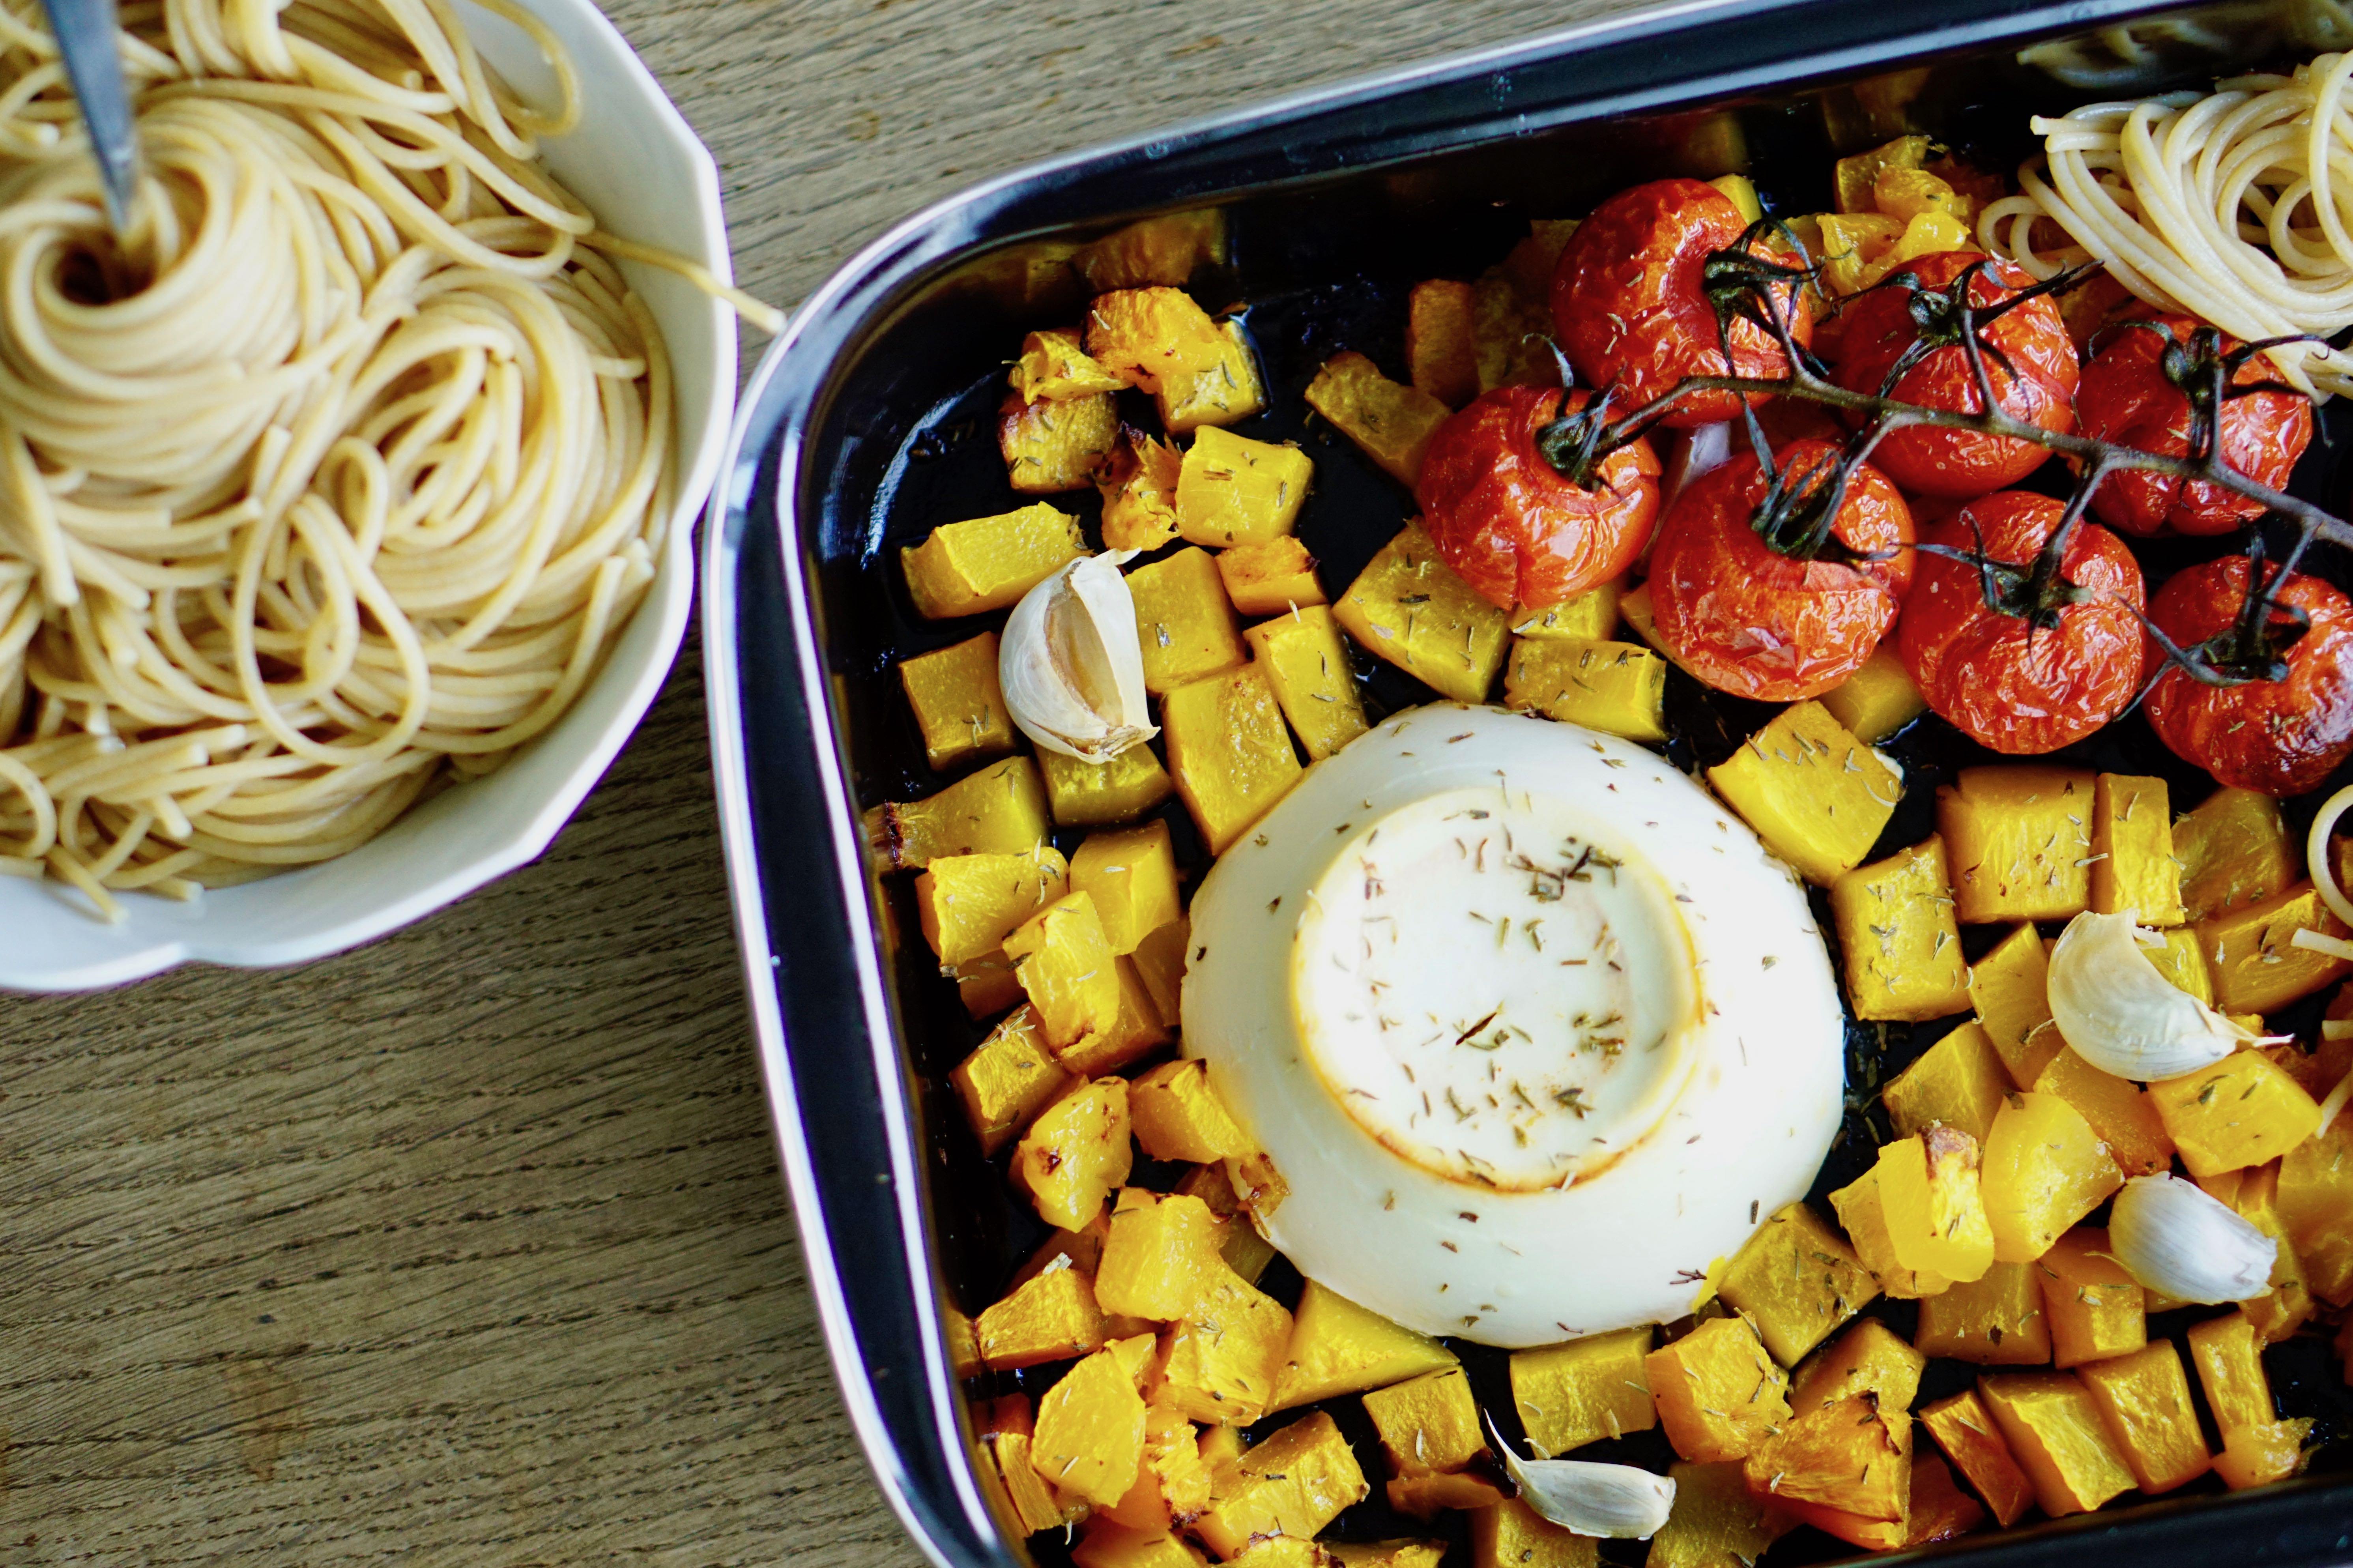 Butternut, ricotta en trostomaatjes uit de oven met volkoren spaghetti en gepofte knoflook